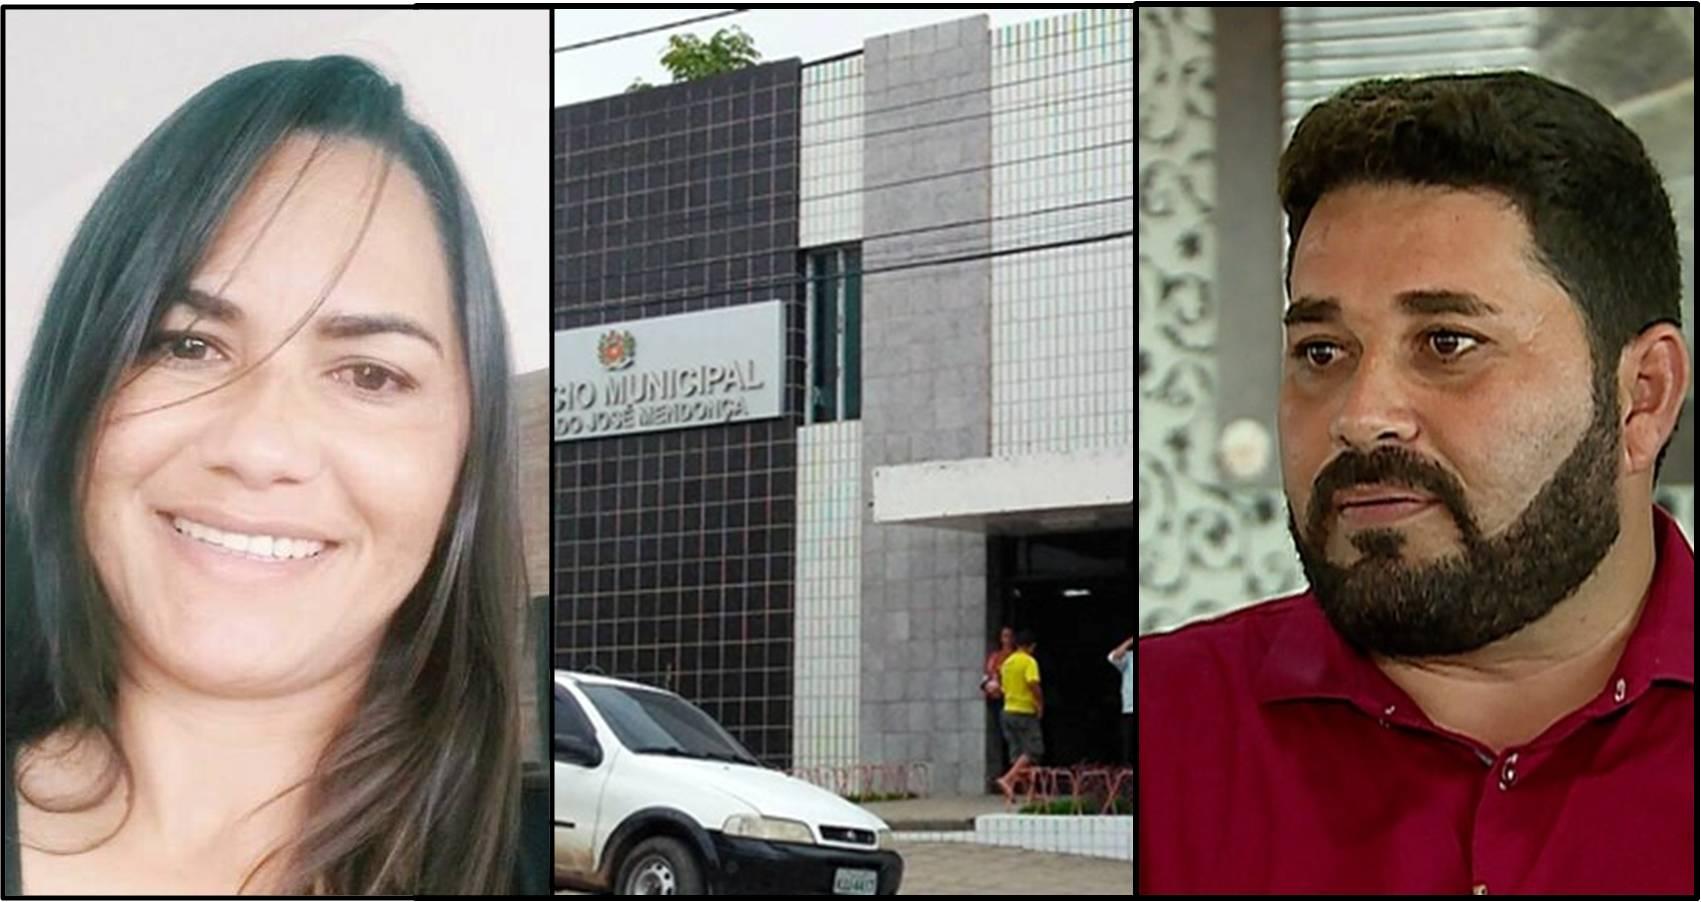 Escândalo: Áudios revelam que Hélio estaria usando a Prefeitura de BJ como 'balcão de negócios'